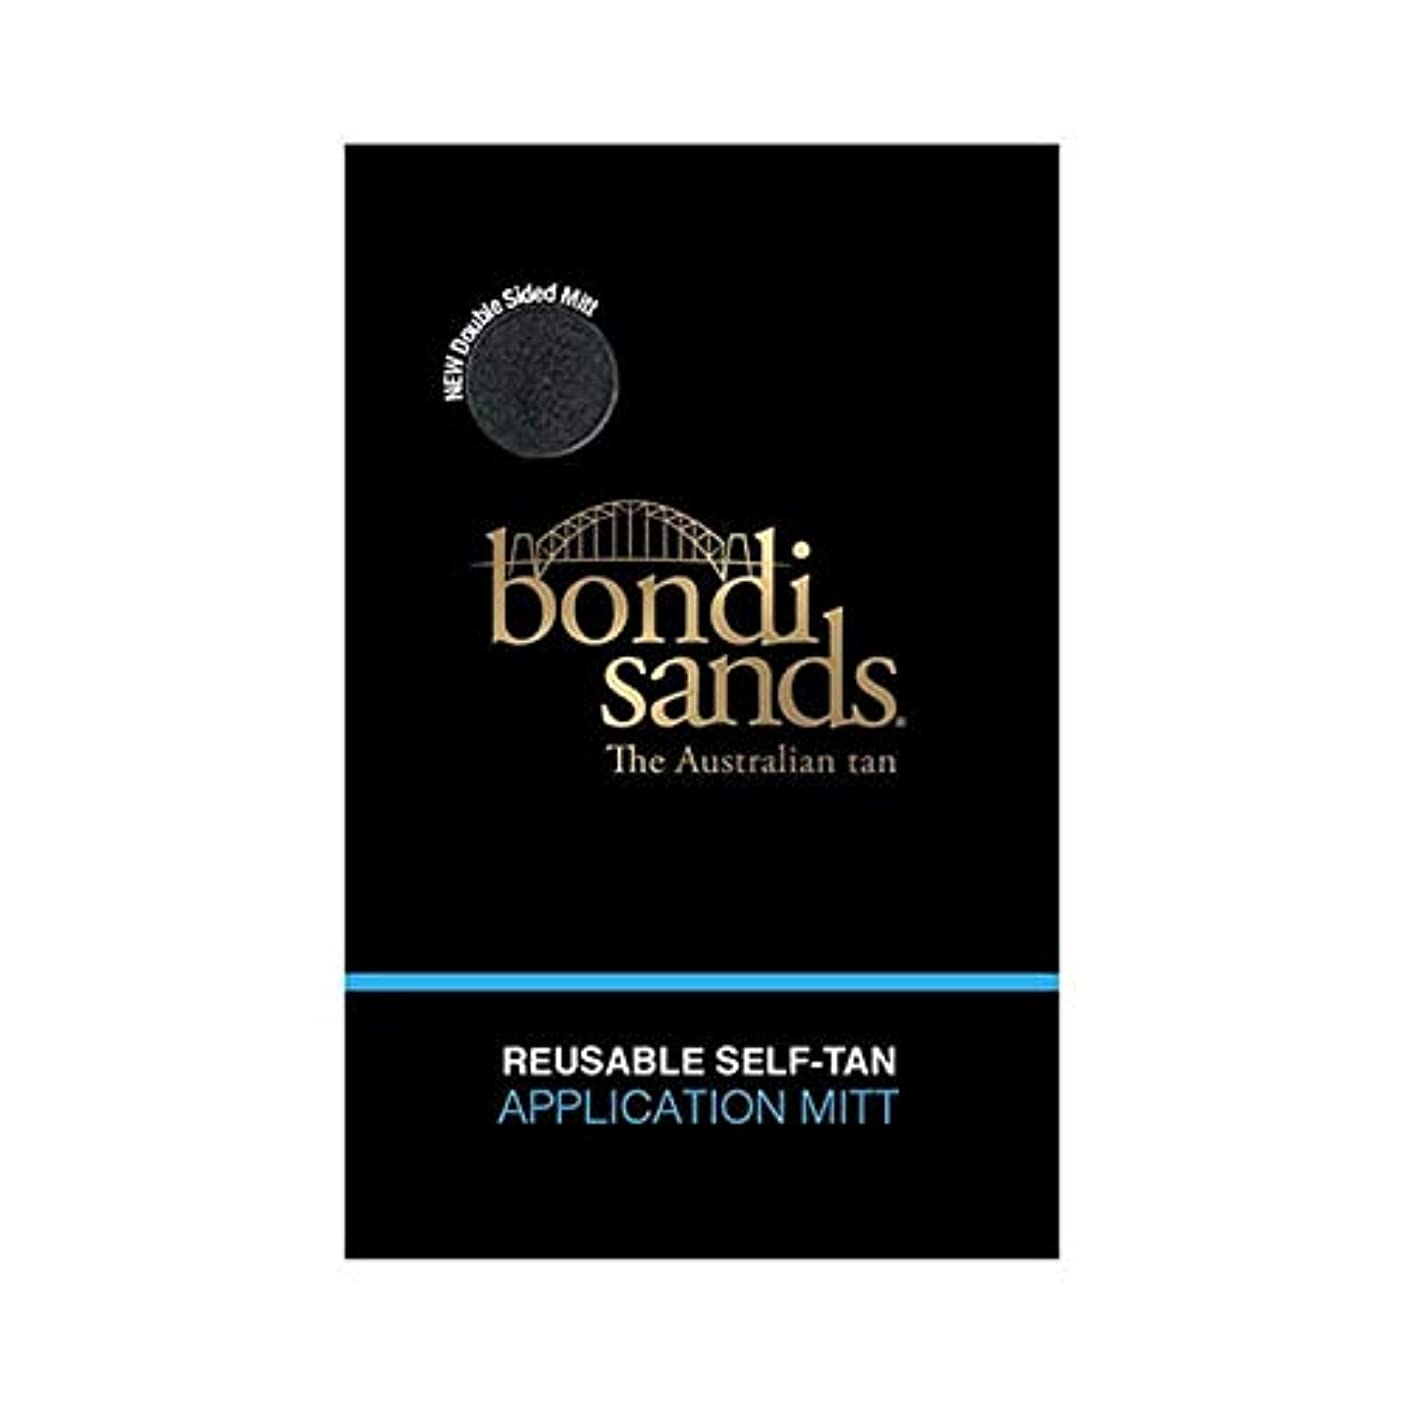 信じる計り知れない降ろす[Bondi Sands ] ボンダイサンド自己日焼けアプリケーションミット - Bondi Sands Self Tan Application Mitt [並行輸入品]